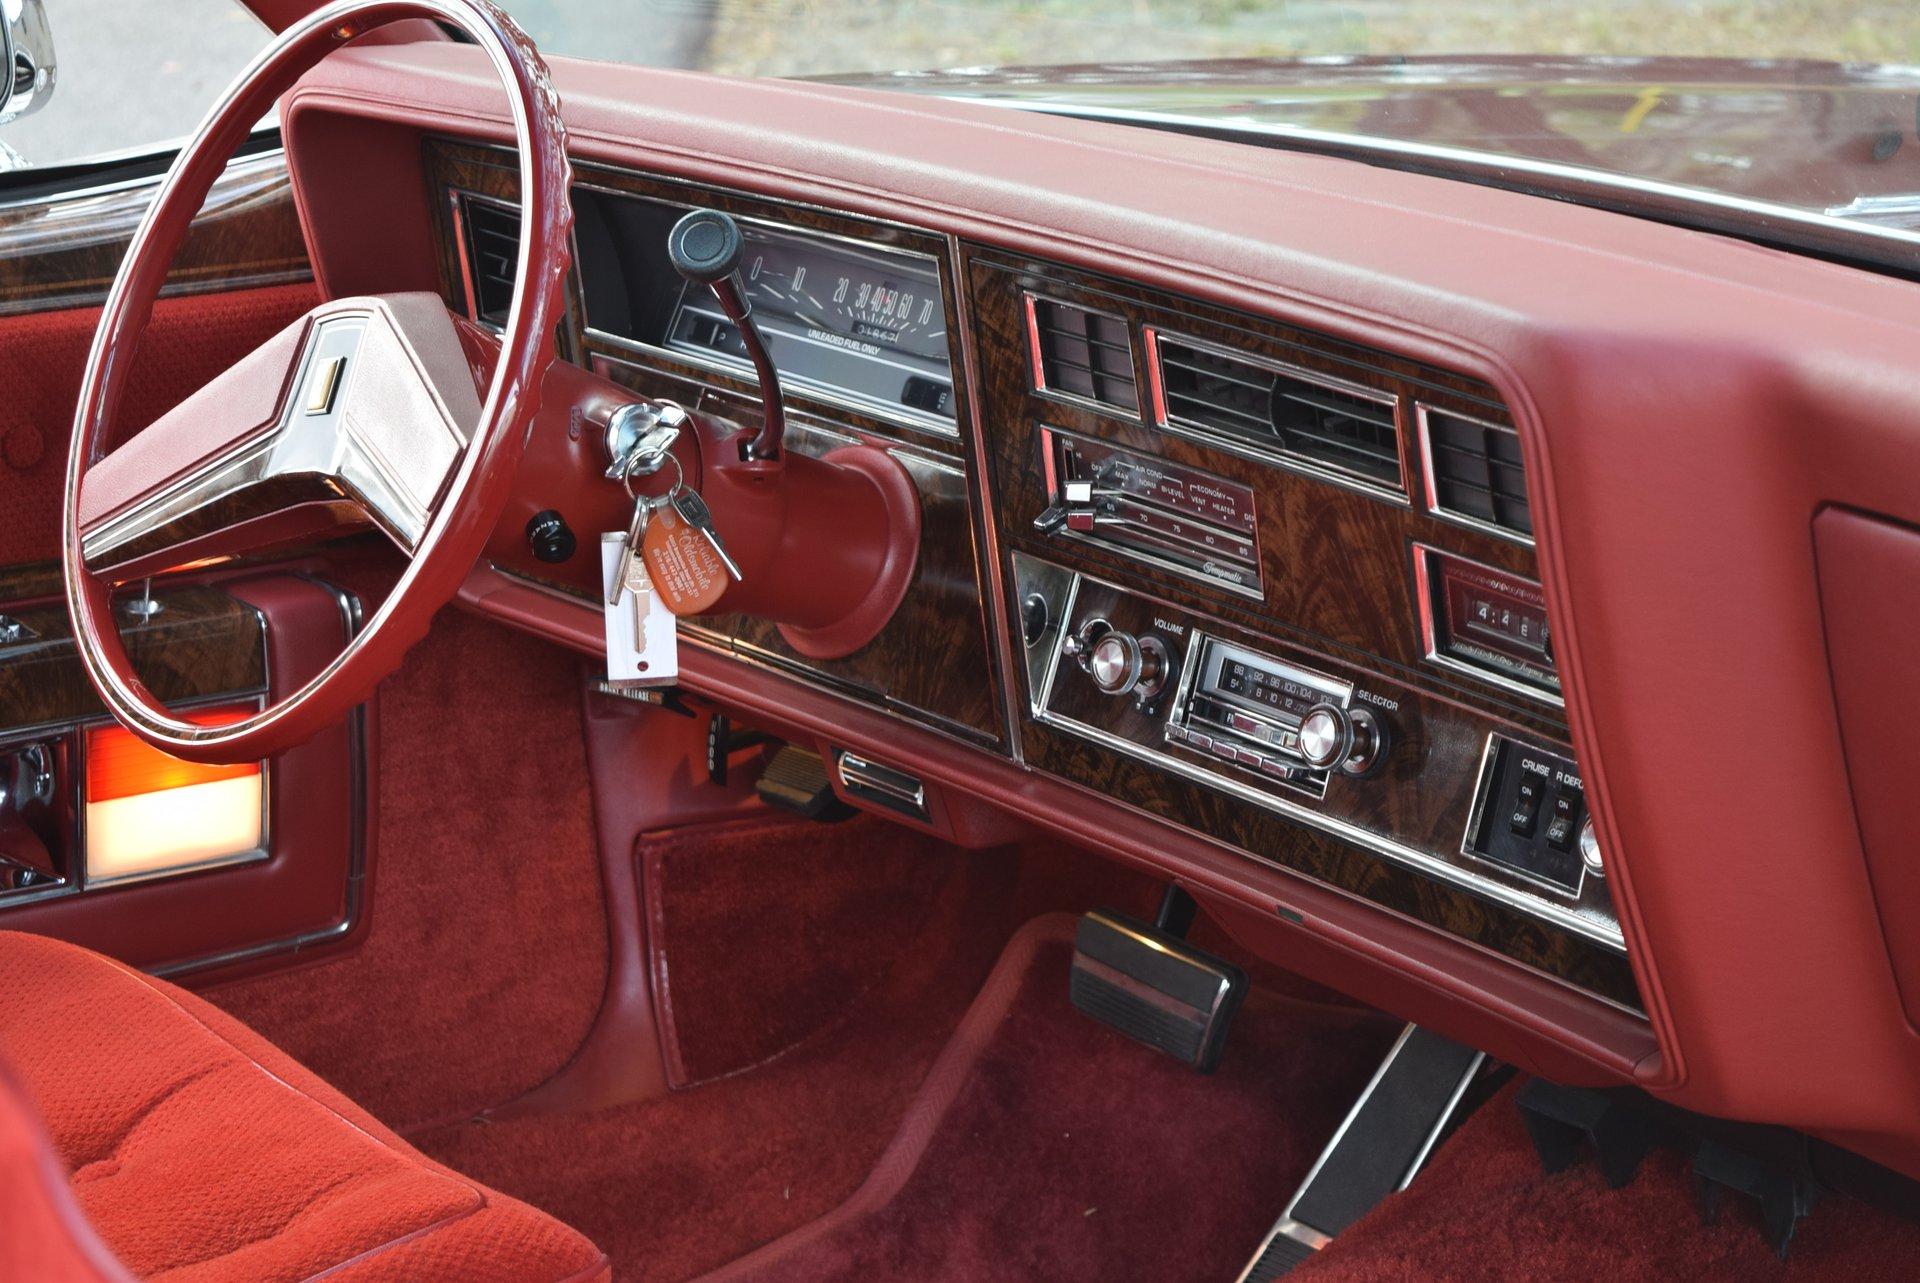 1979 Oldsmobile Ninety-Eight | Orlando Classic Cars